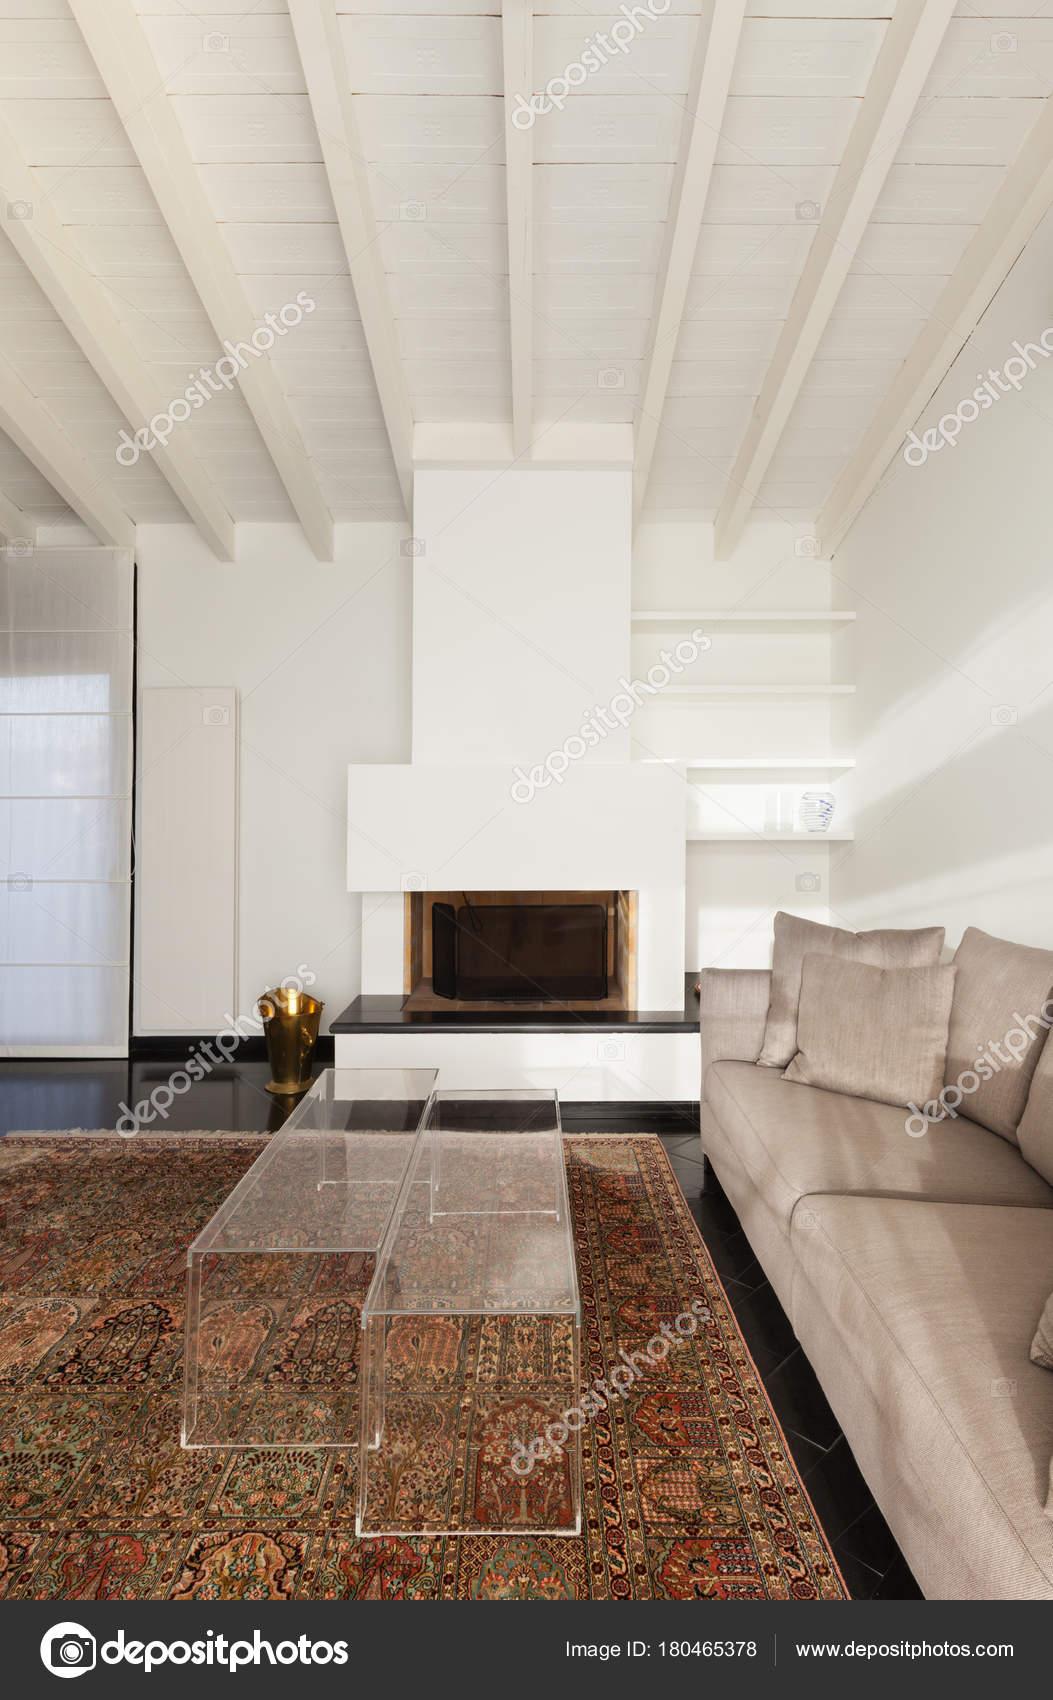 Wohngebäude Komfortable Loft Moderne Möbel Wohnzimmer — Stockfoto ...